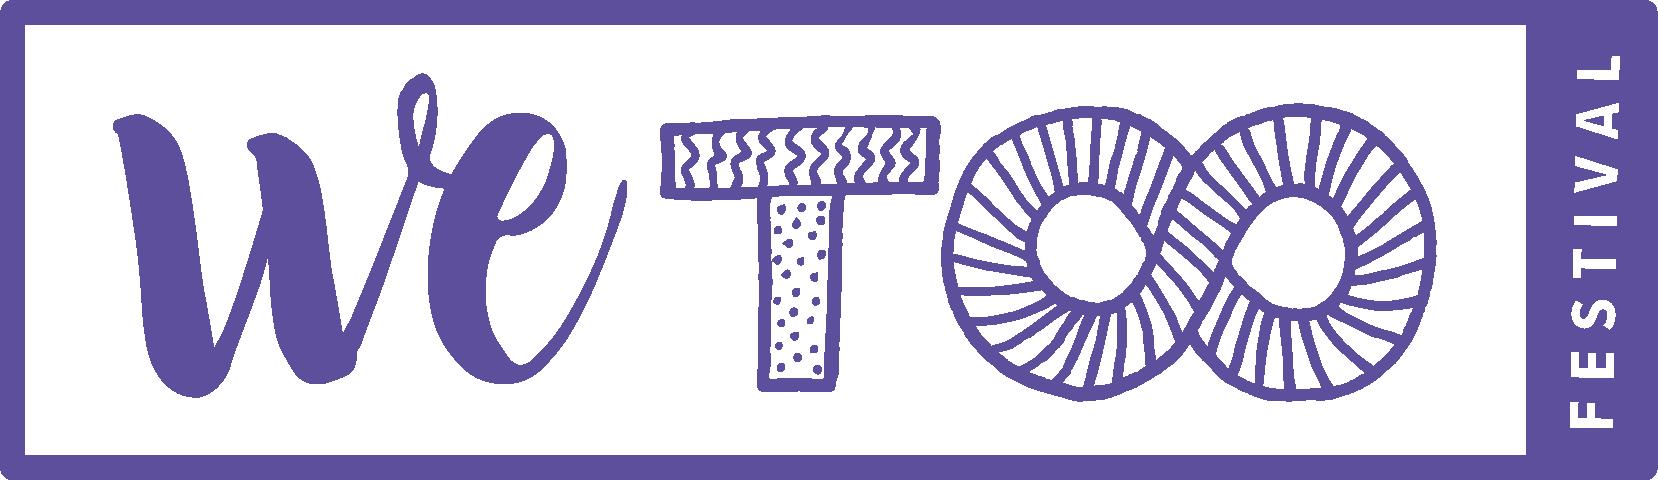 logo-bleu-violet